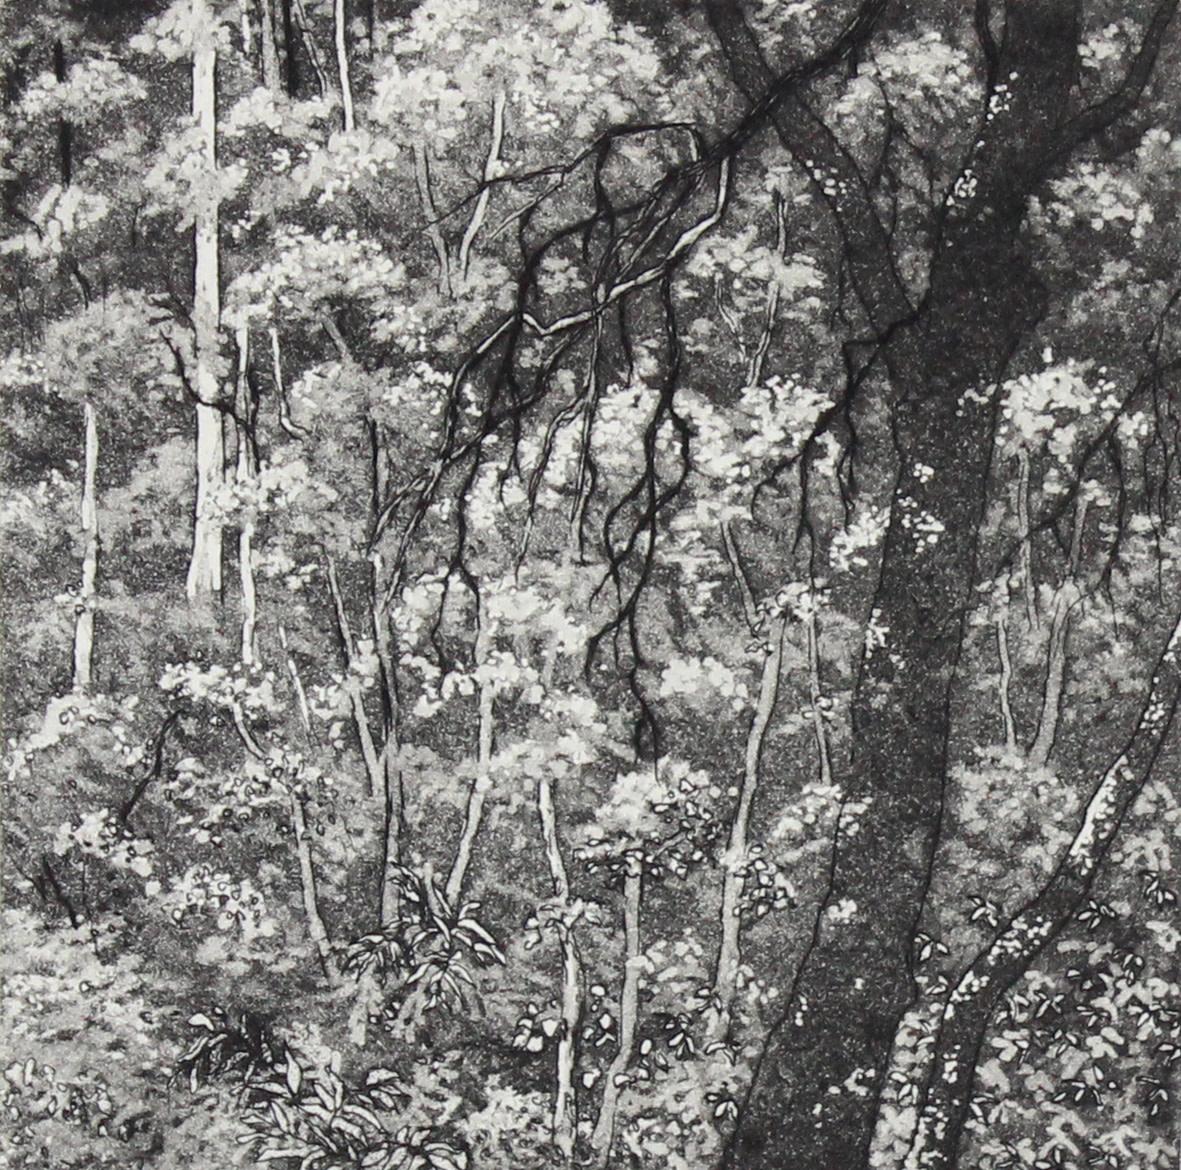 otway treetops by stephanie Jane Rampton